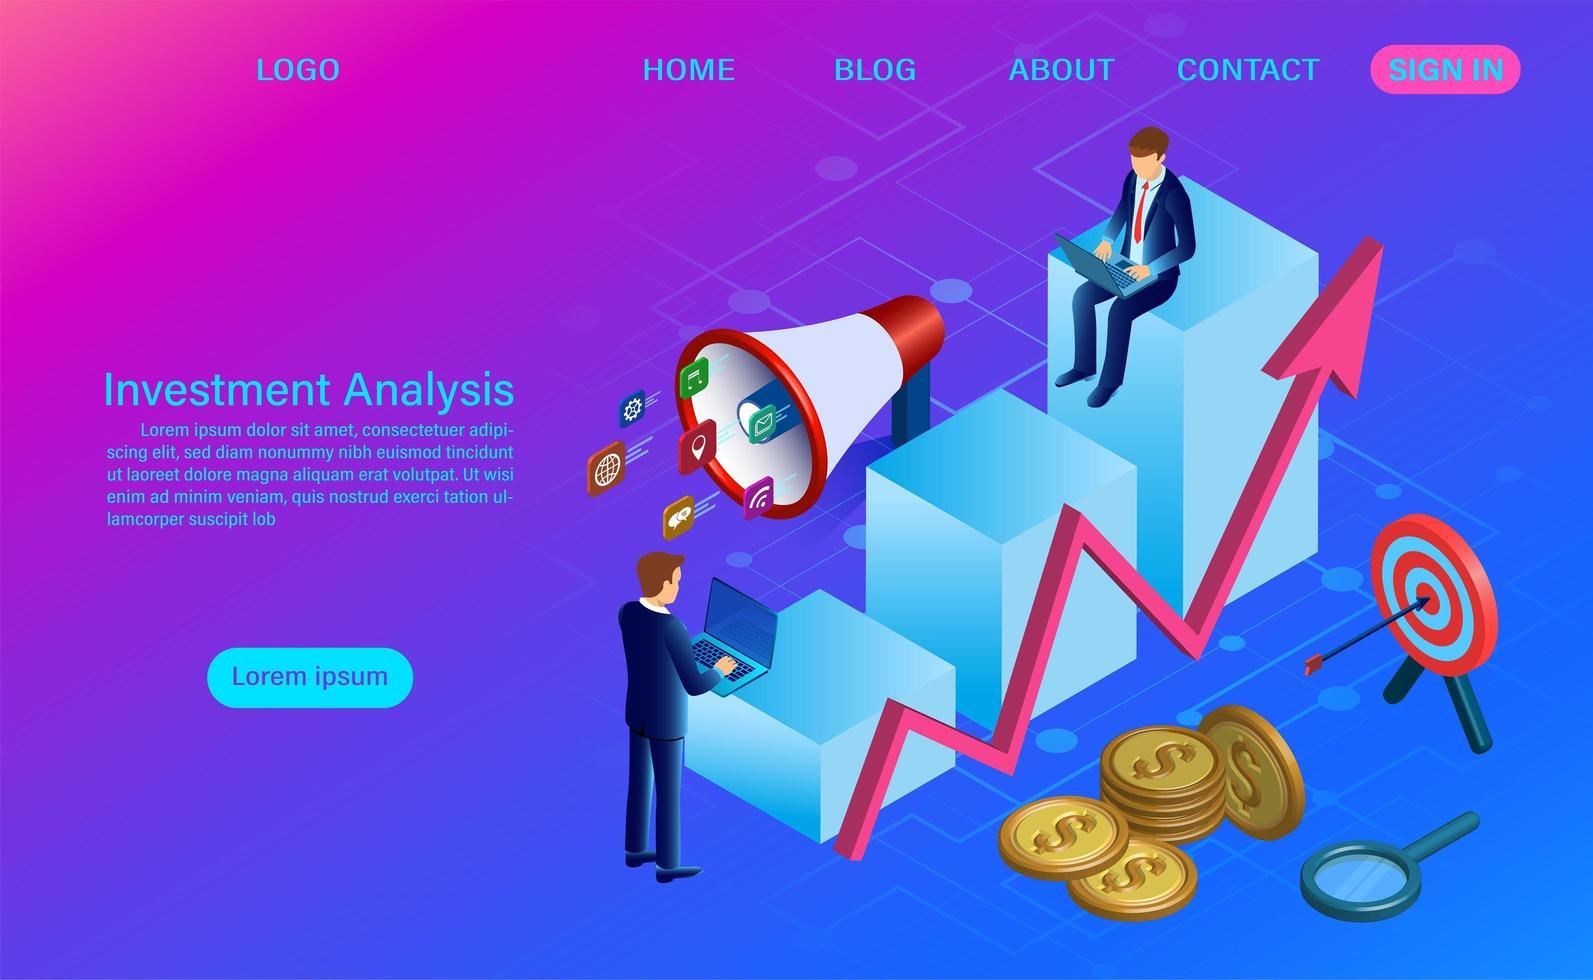 Conceito de análise de investimento em gradiente de rosa e azul vetor